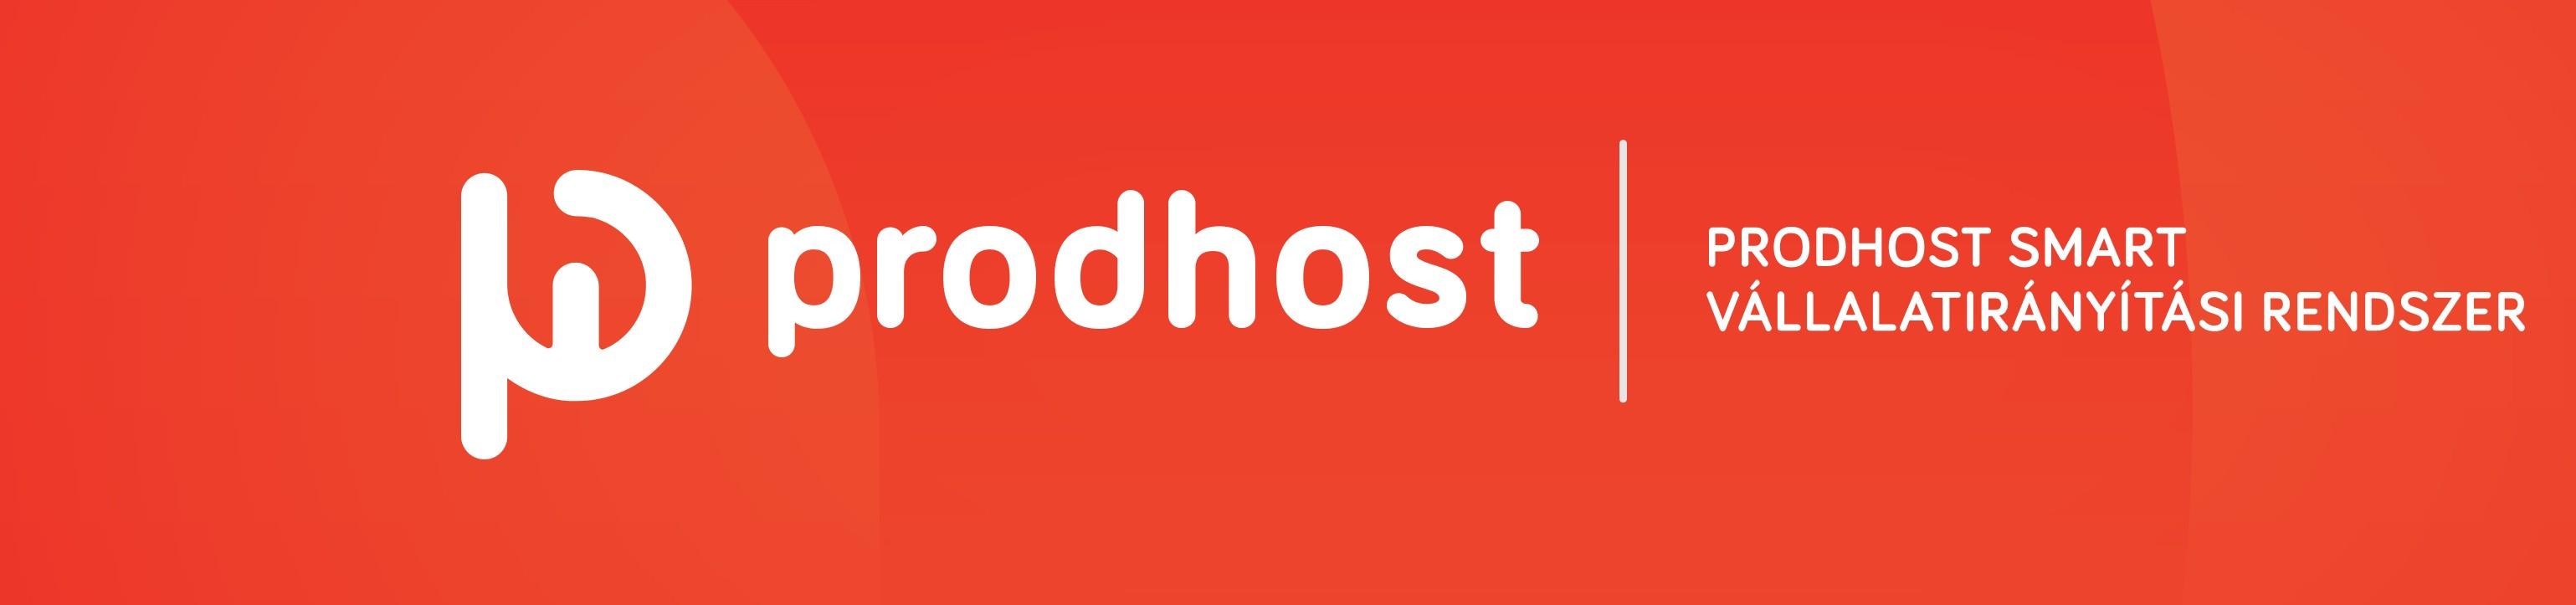 Ki az a prodHost aki a támogatónk?